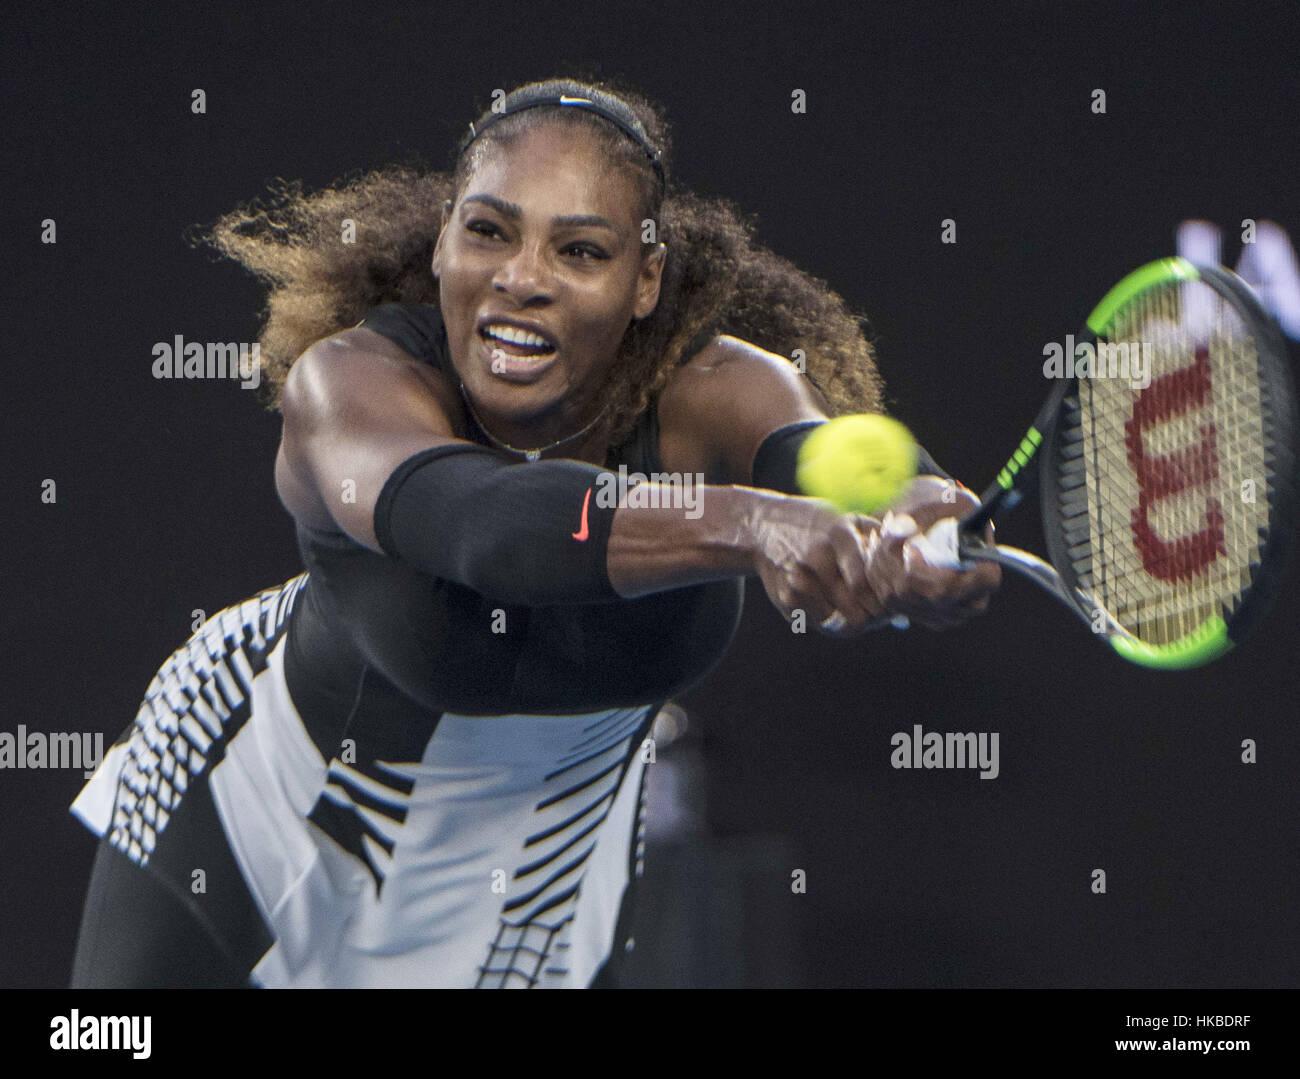 Melbourne, Australie. 28 janvier, 2017. United States' Serena Williams renvoie la balle pendant le dernier match Banque D'Images